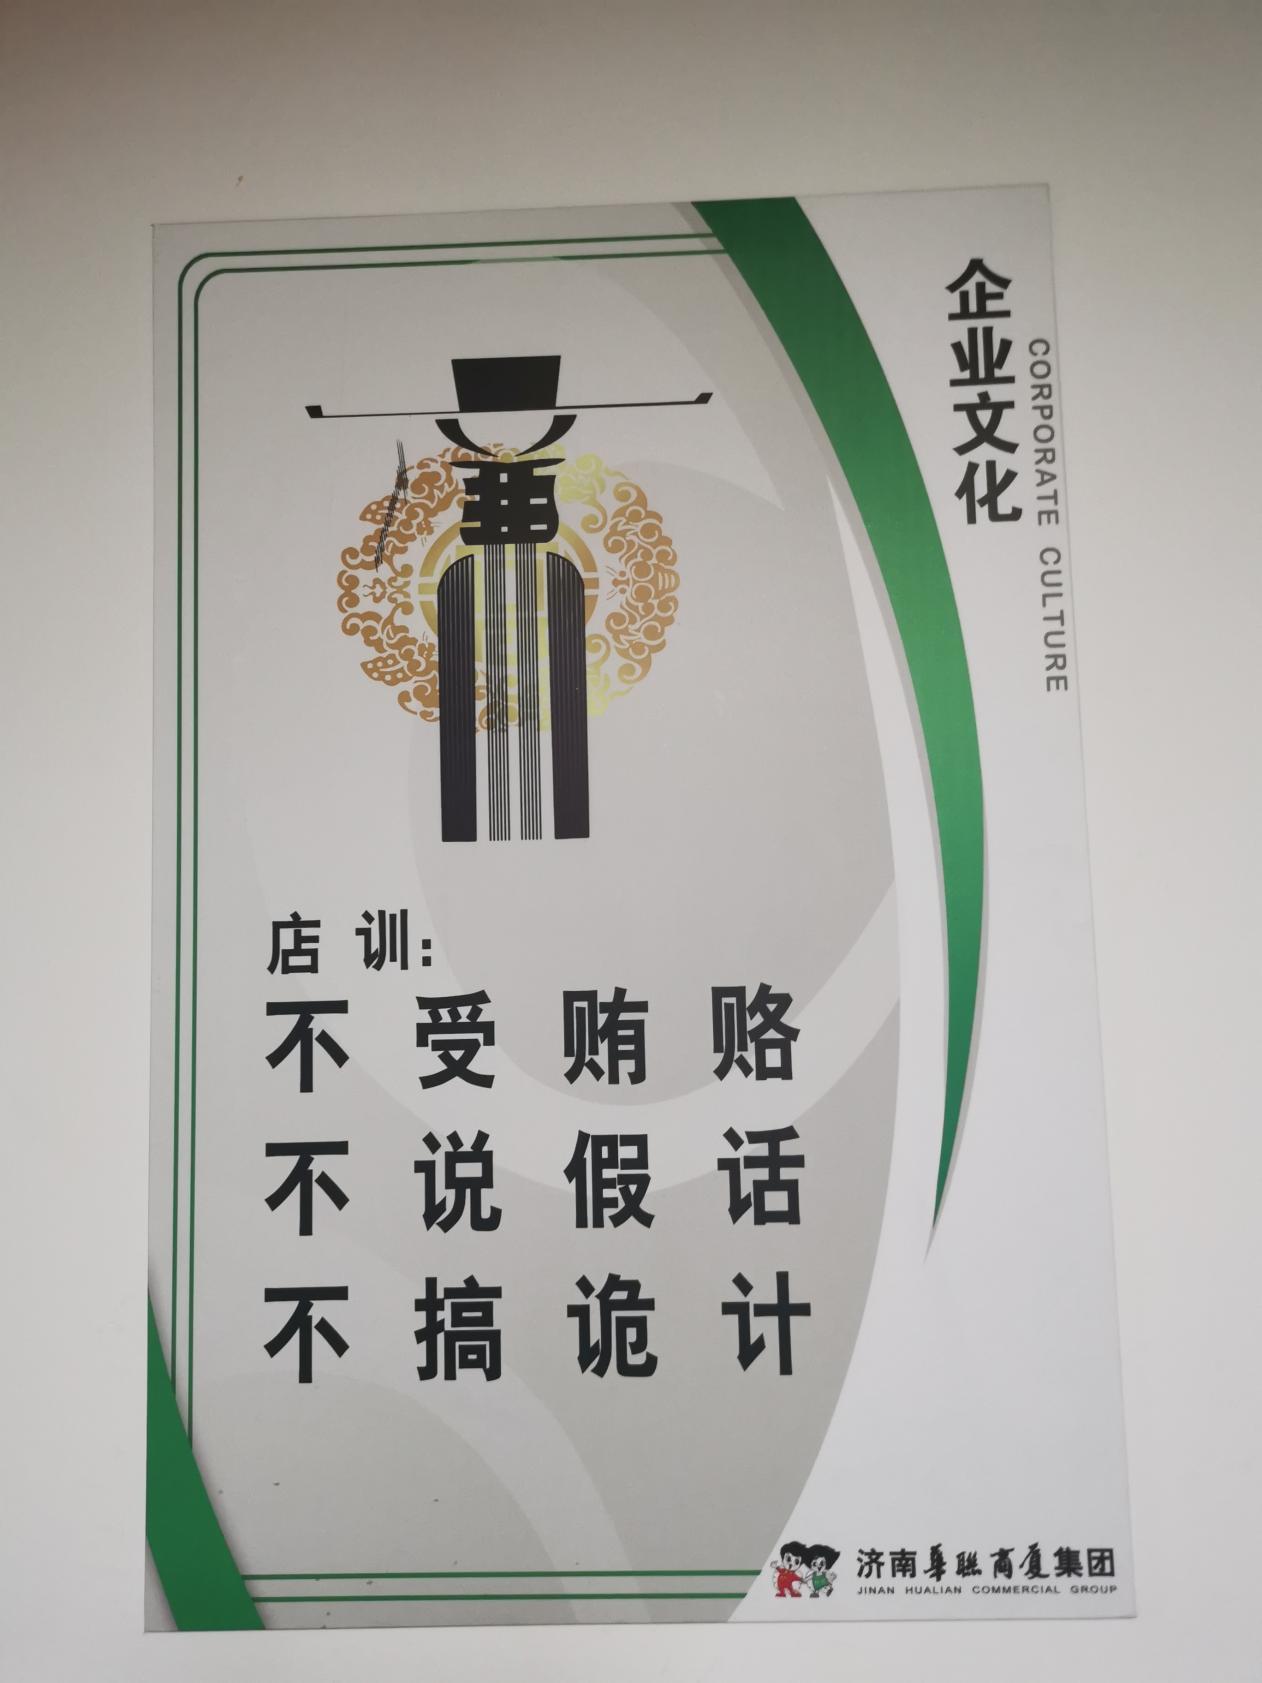 濟南華聯超市店訓